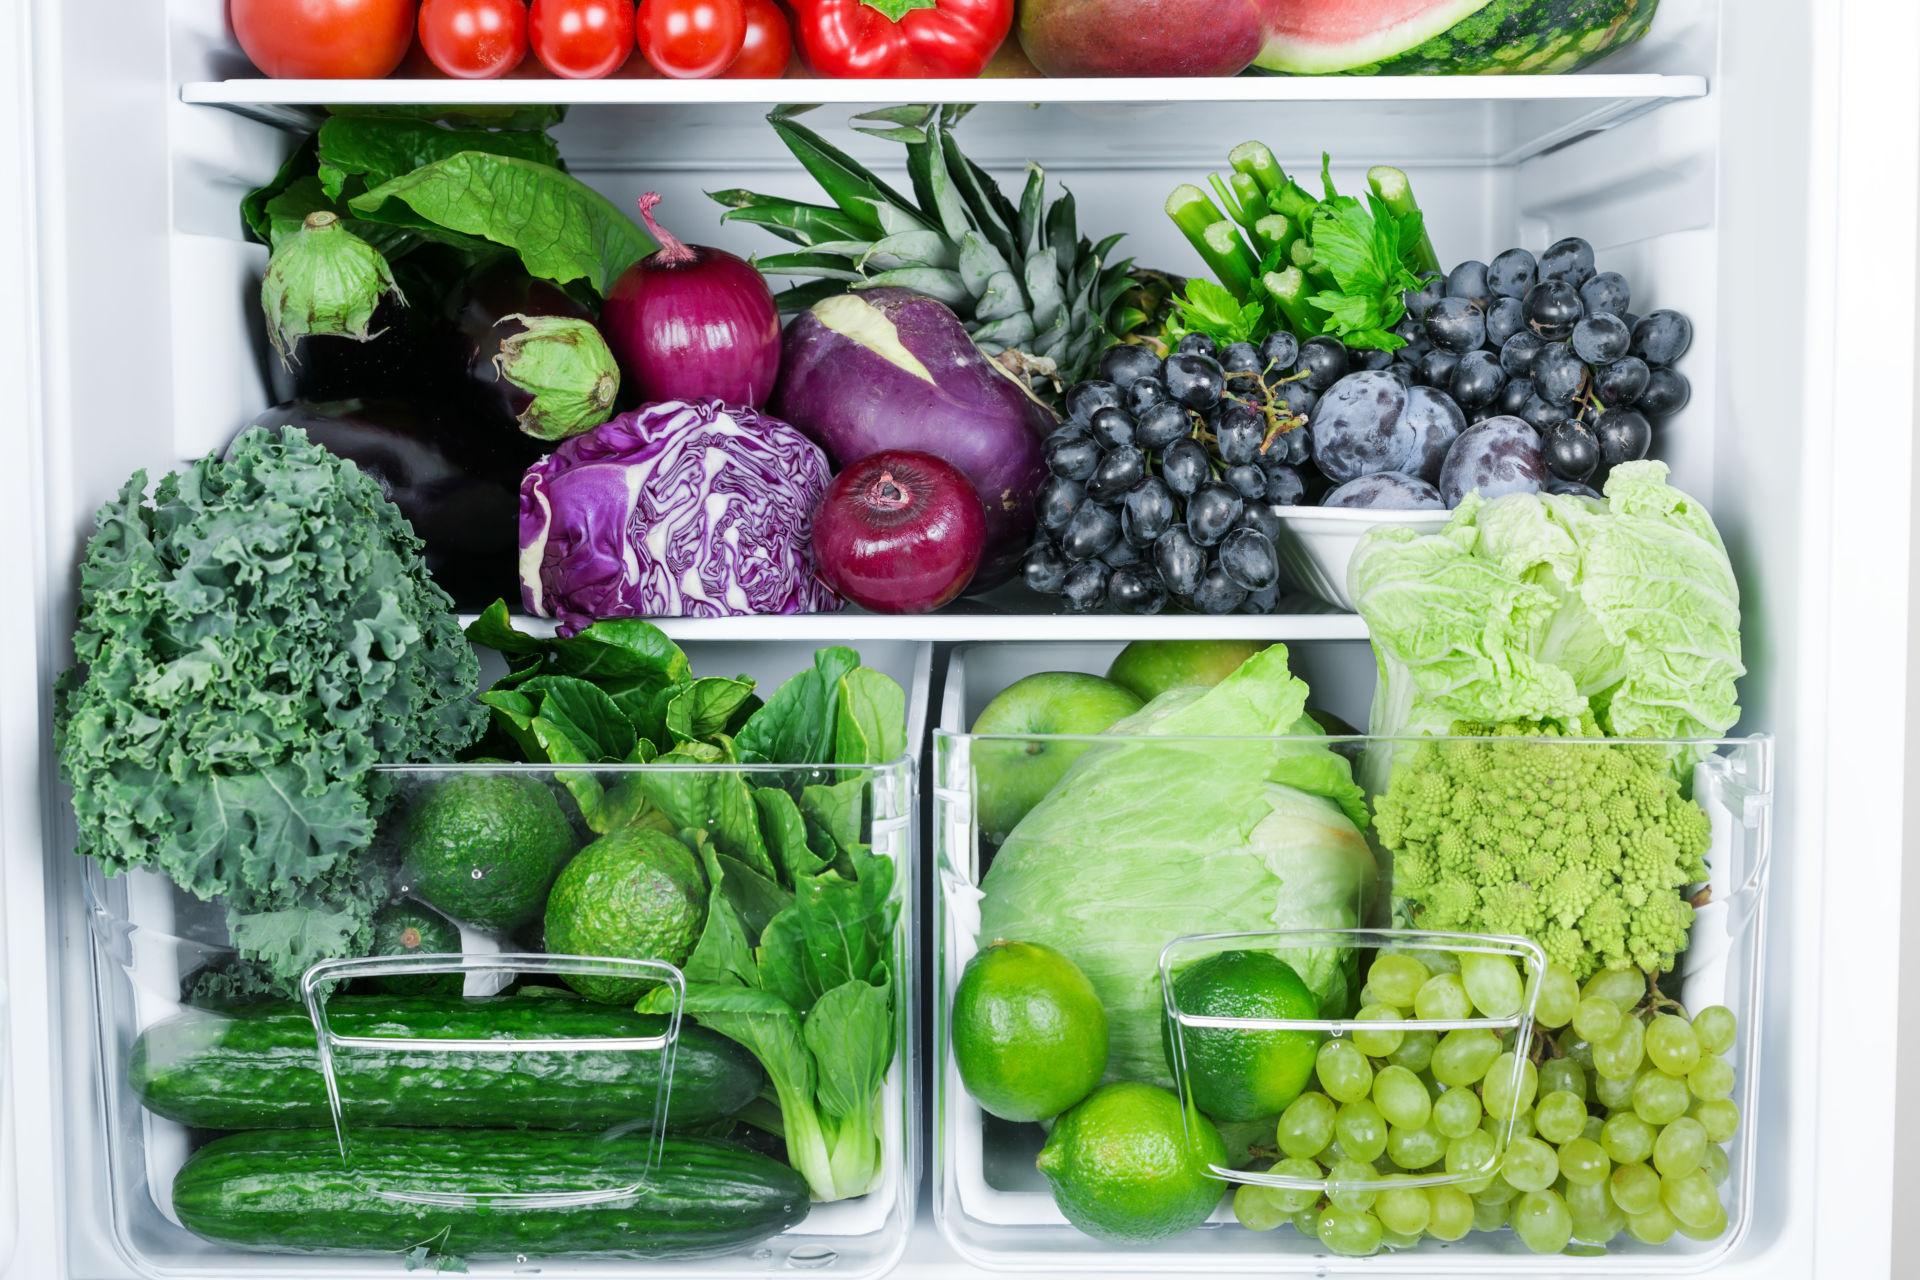 Jääkaappi jossa vihreitä kasviksia ja elintarvikkeita